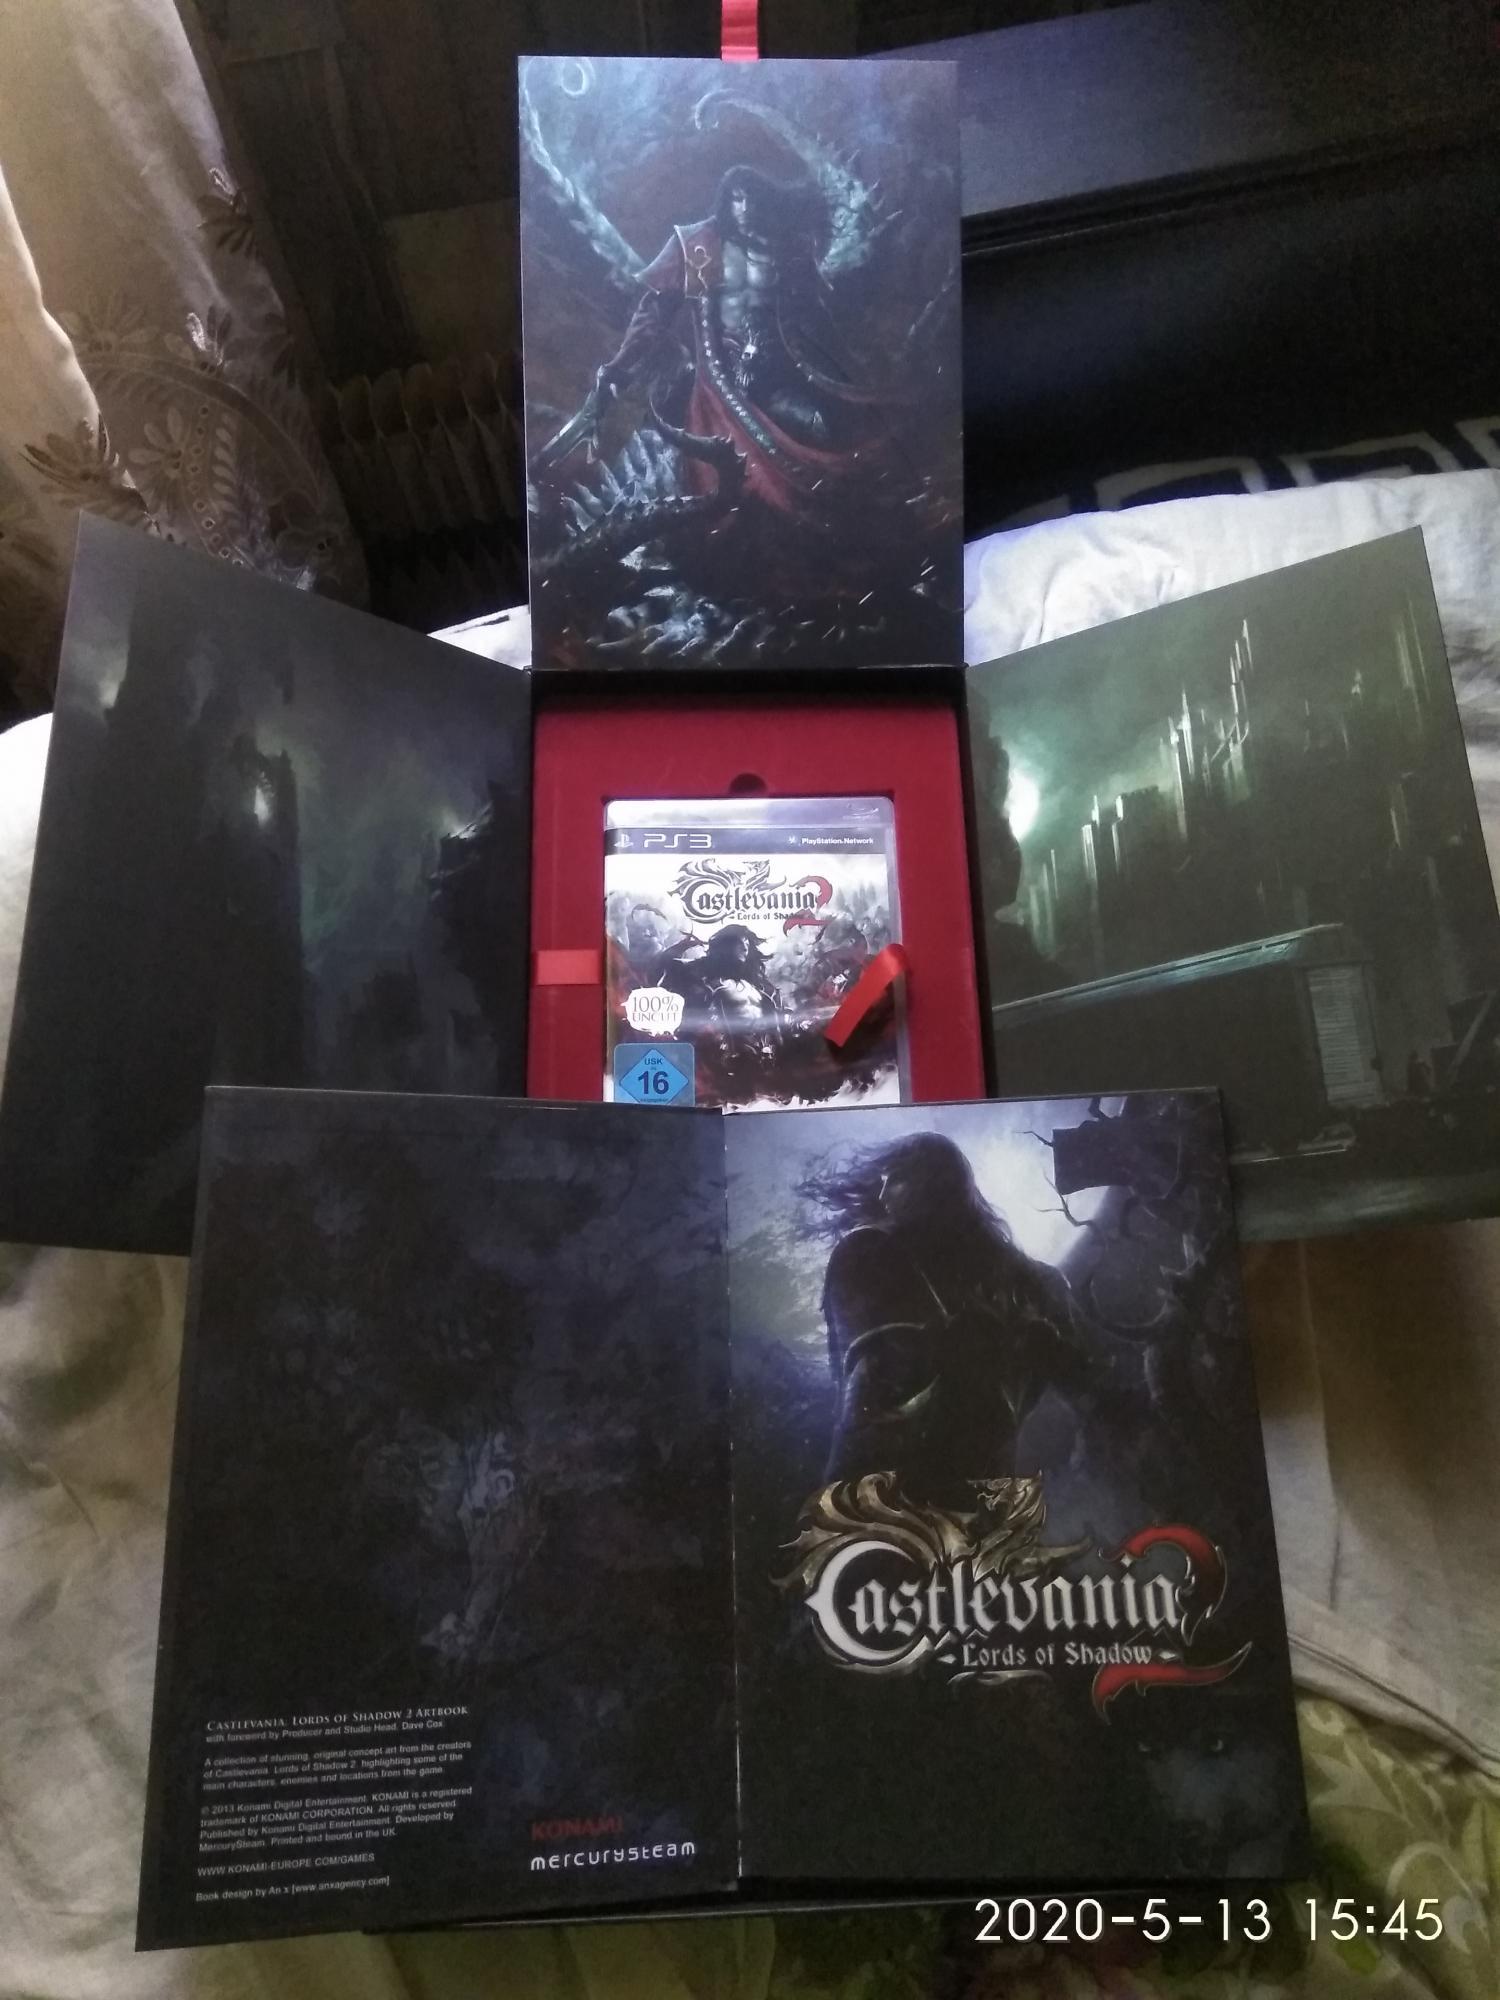 Castlevania Lord of Shadow 2 Limited Edition Belmo в Москве 89067989906 купить 7